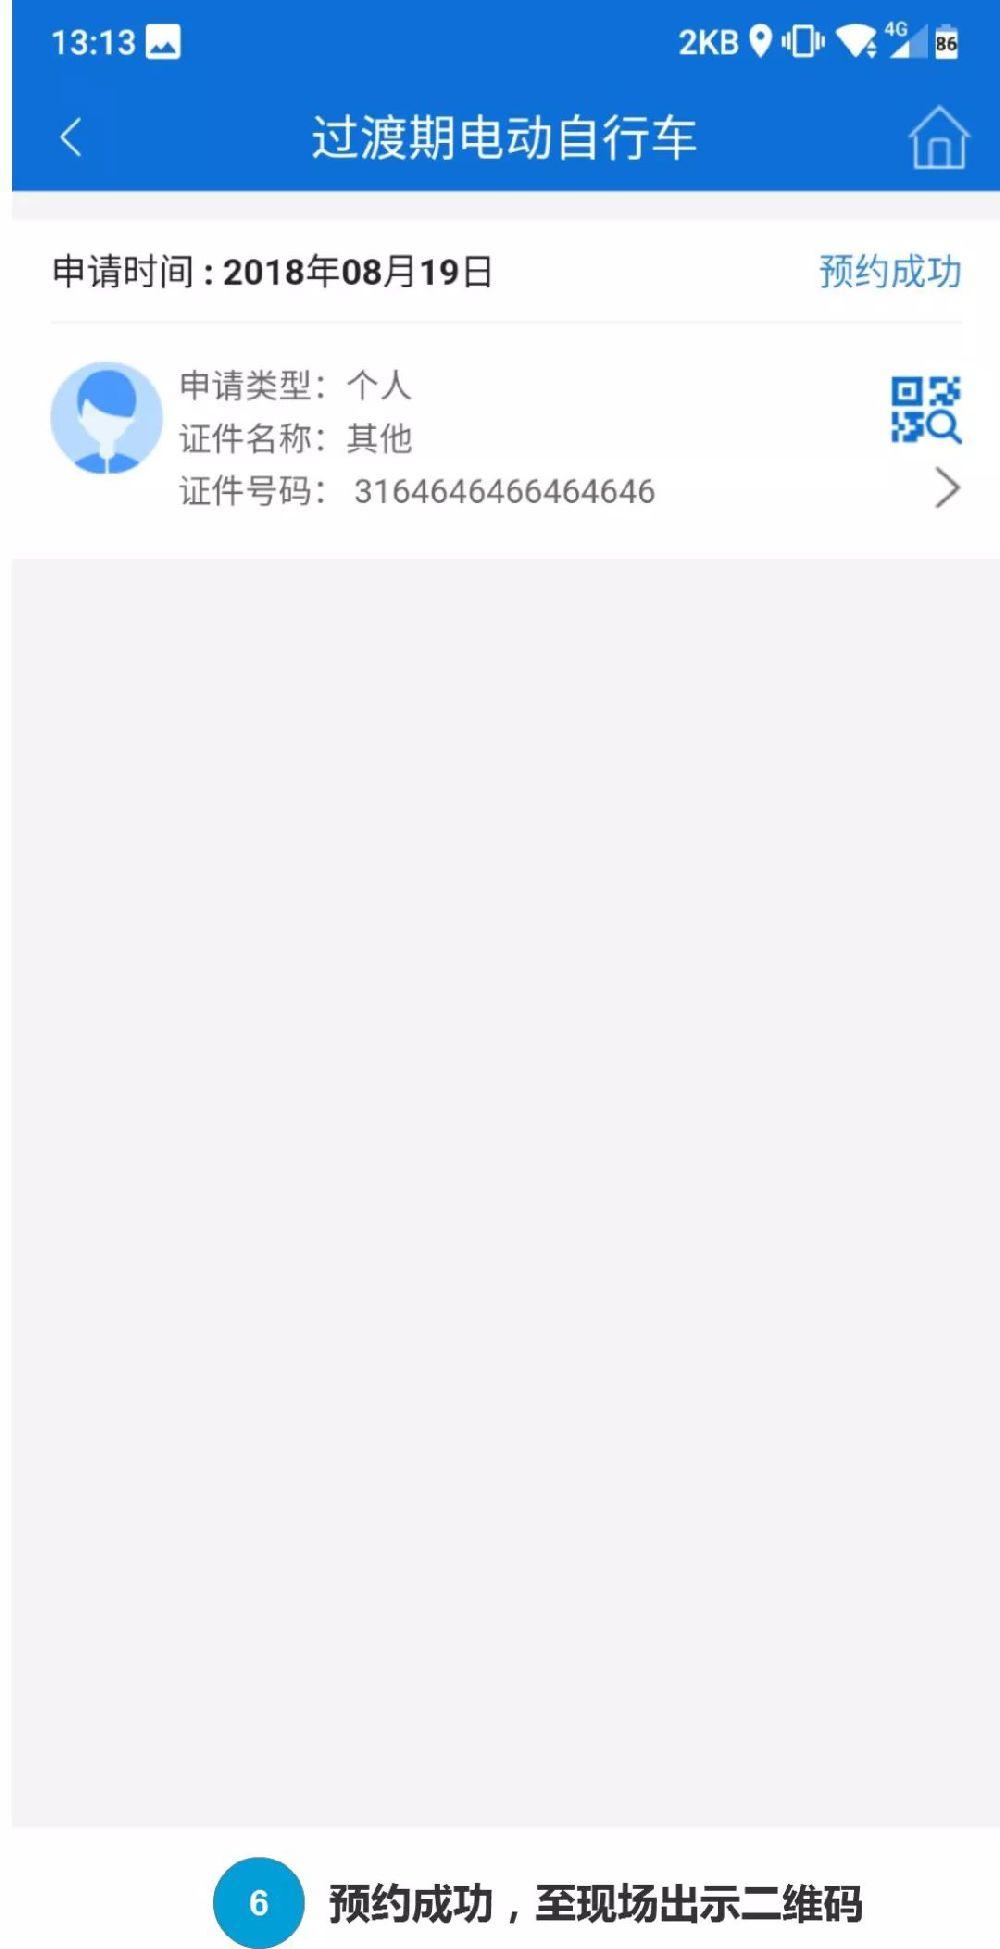 北京电动车临时标识申请流程图具体步骤